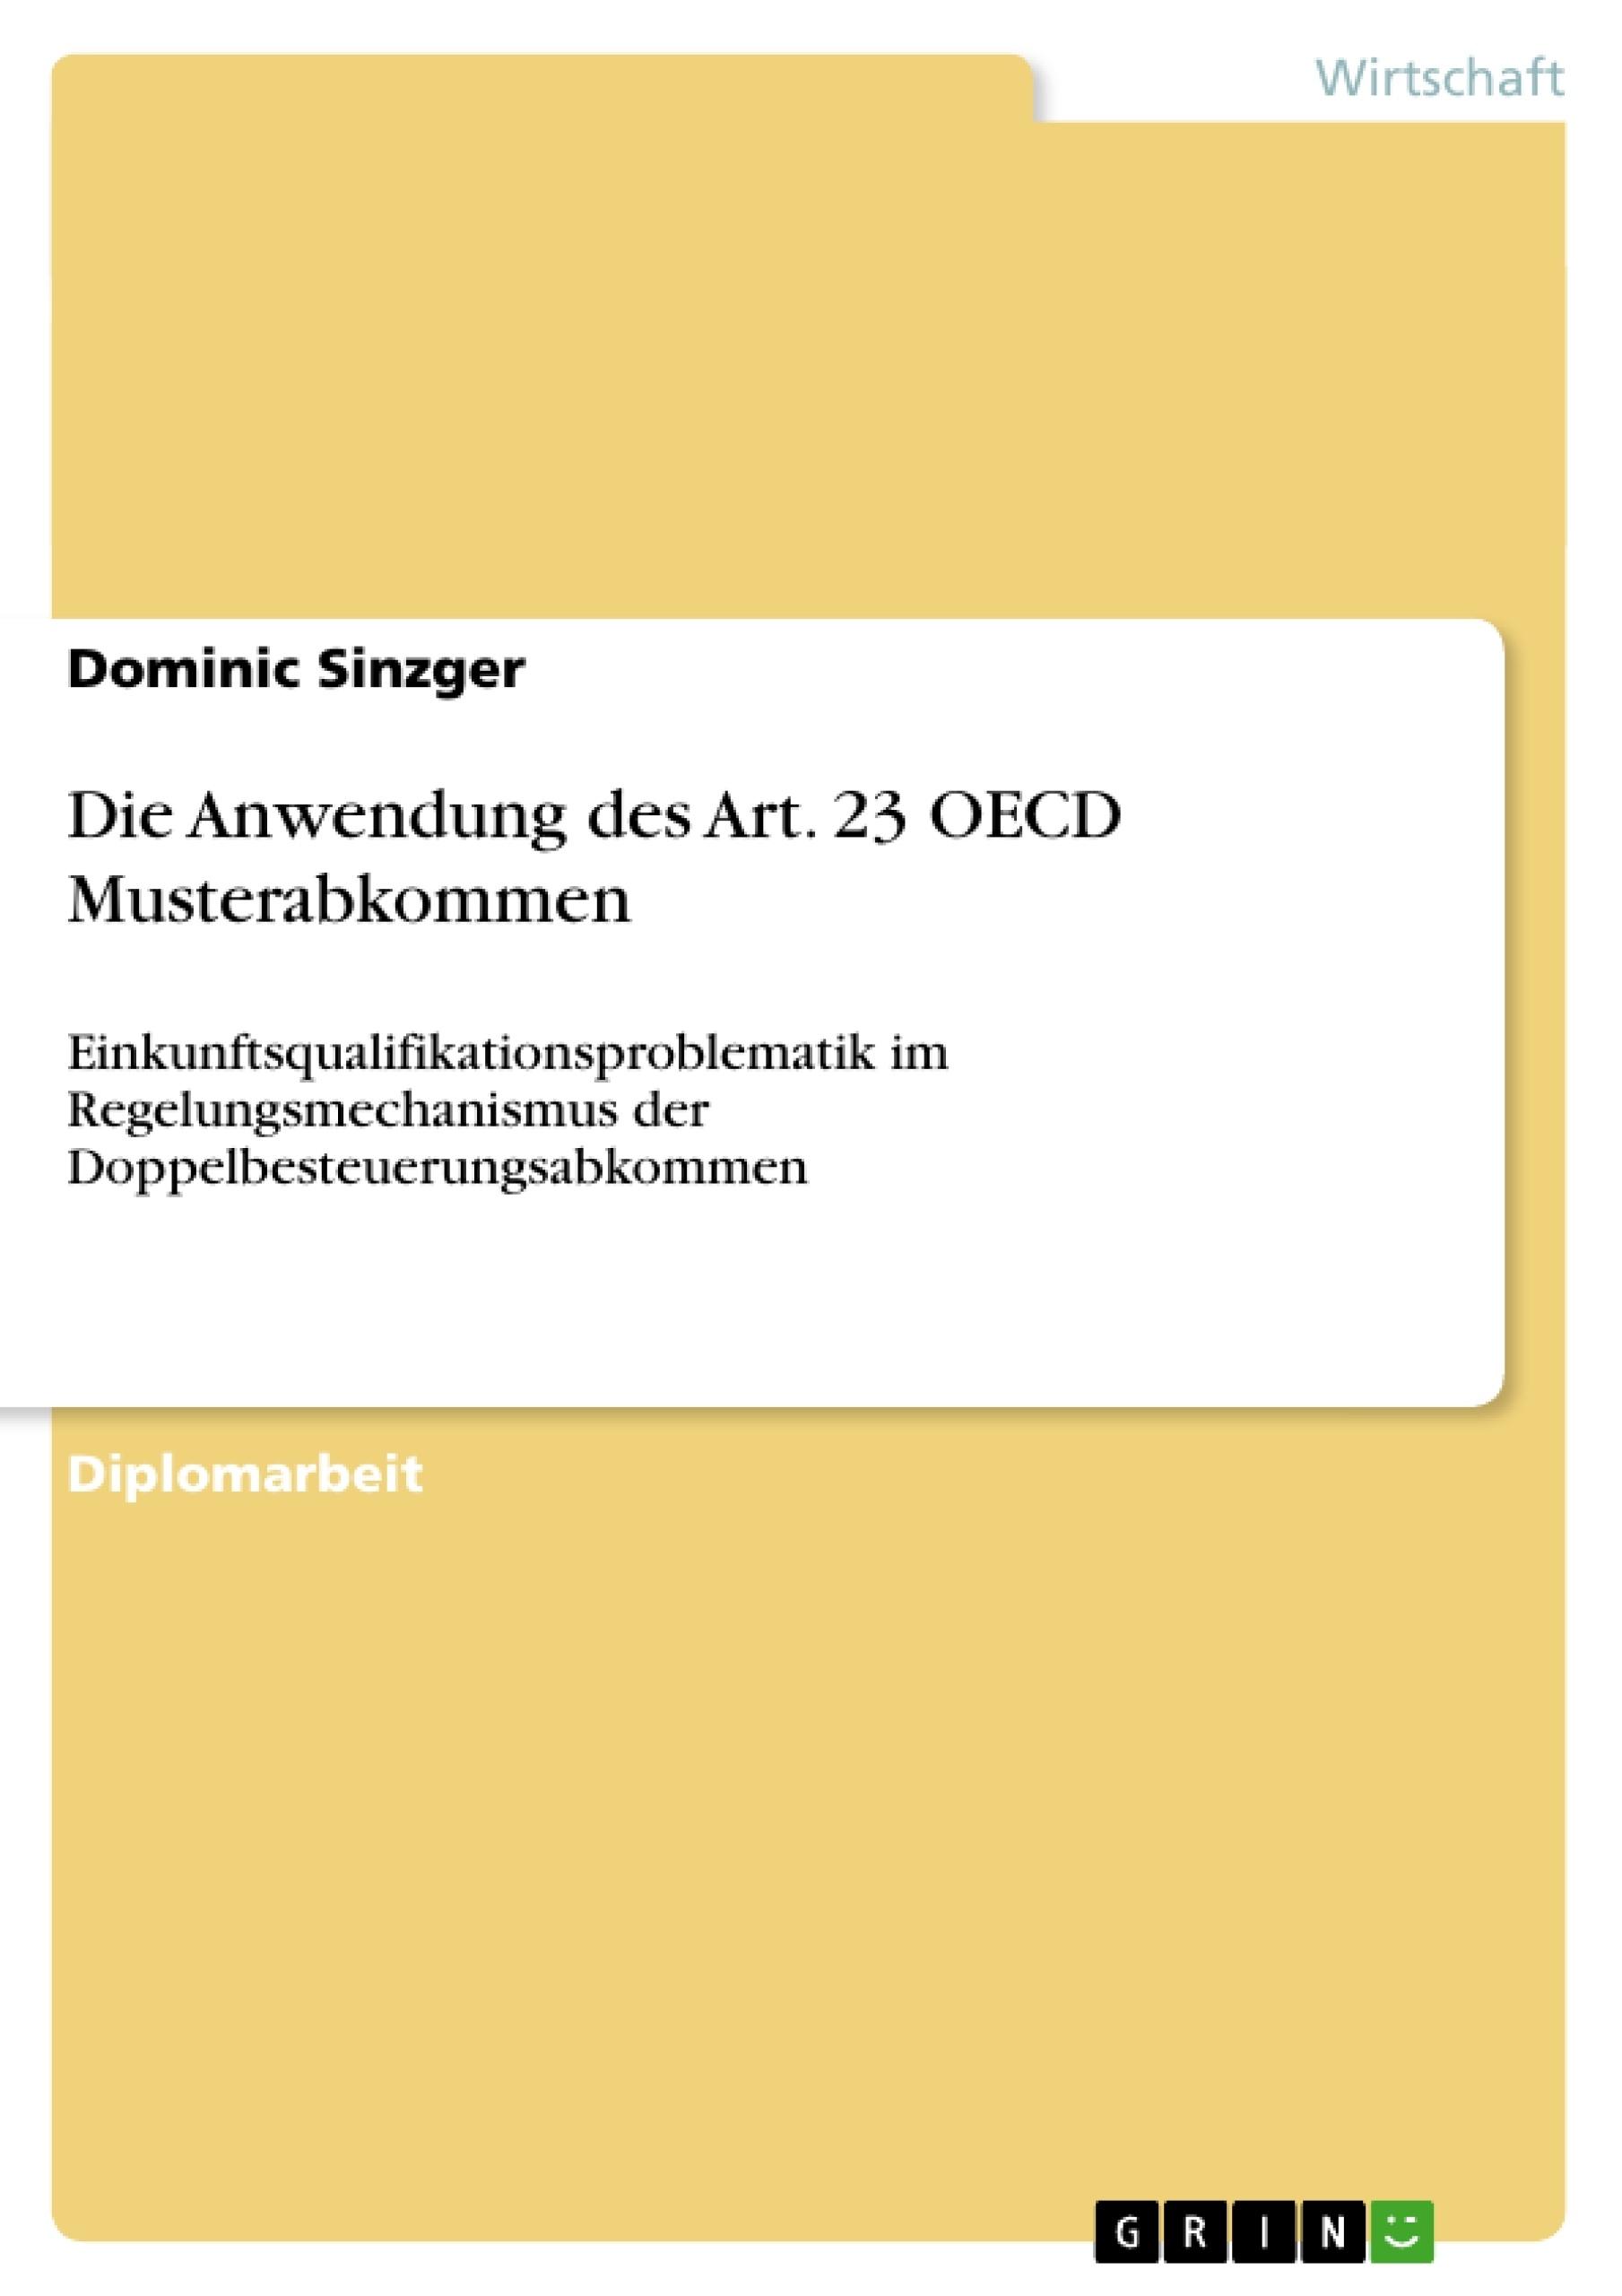 Titel: Die Anwendung des Art. 23 OECD Musterabkommen